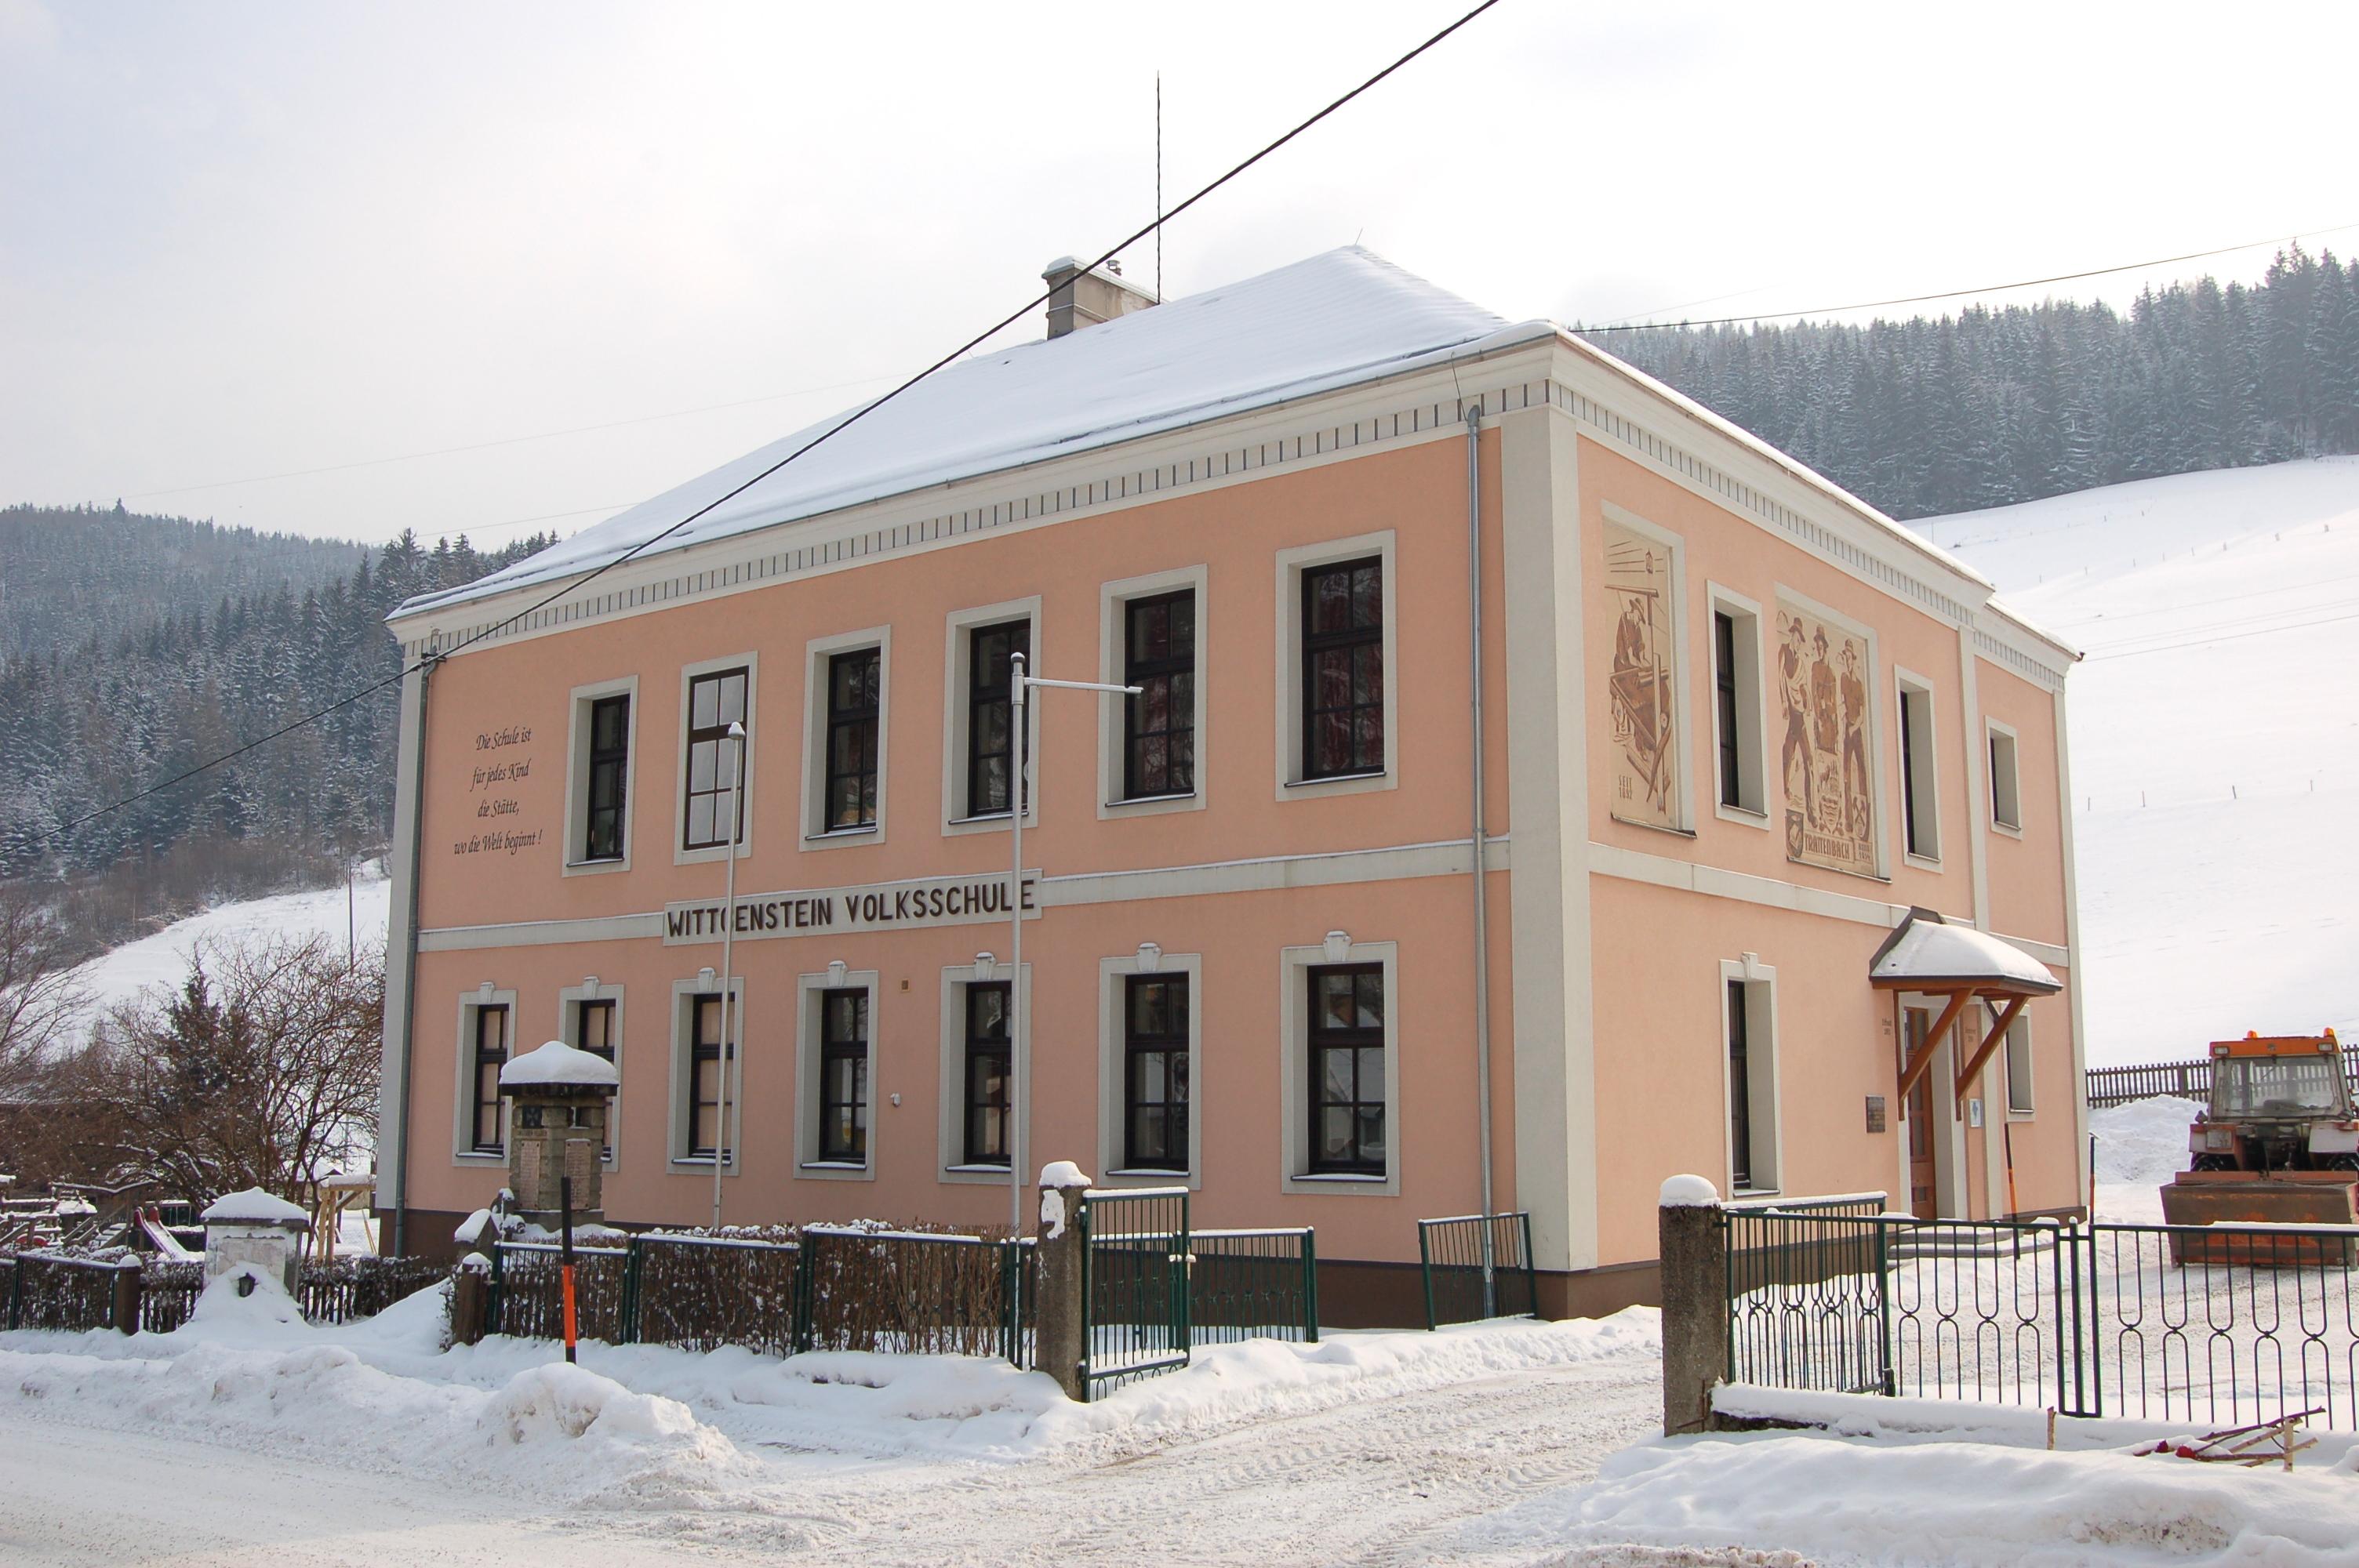 Trattenbach_Wittgensteinschule dove insegnava Wittgensteinjpg